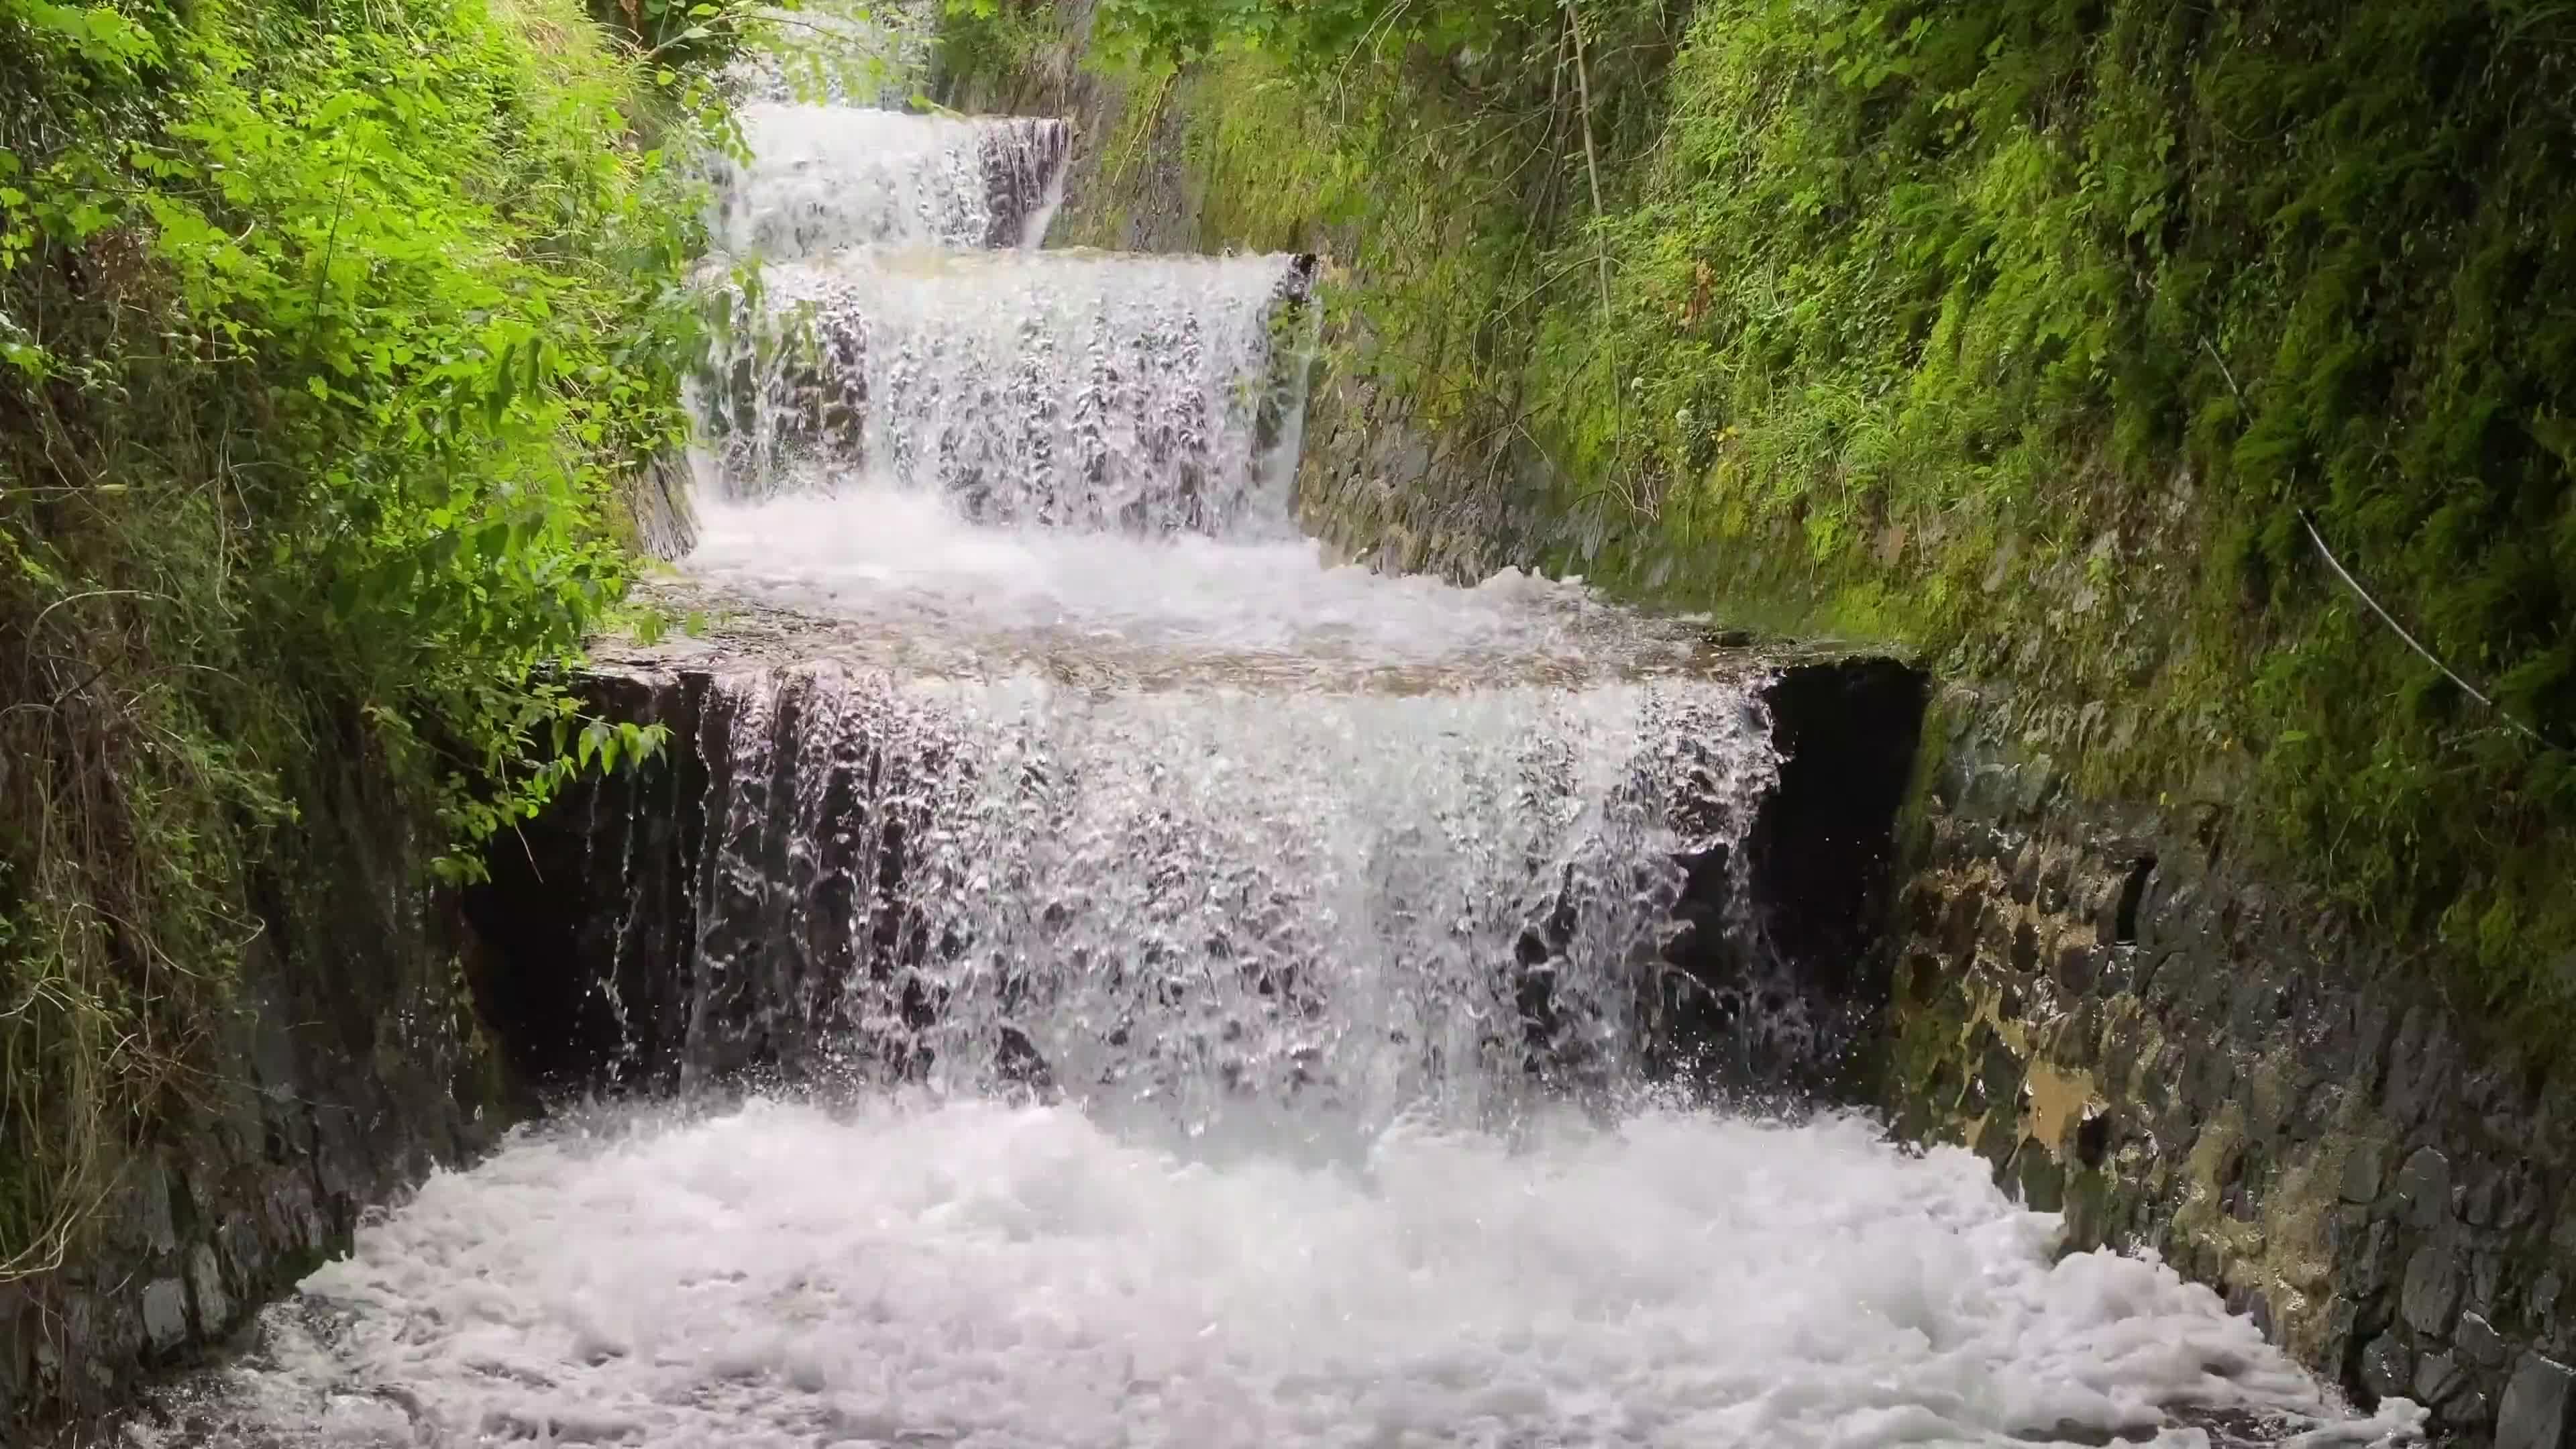 唯美风景水流小瀑布视频素材